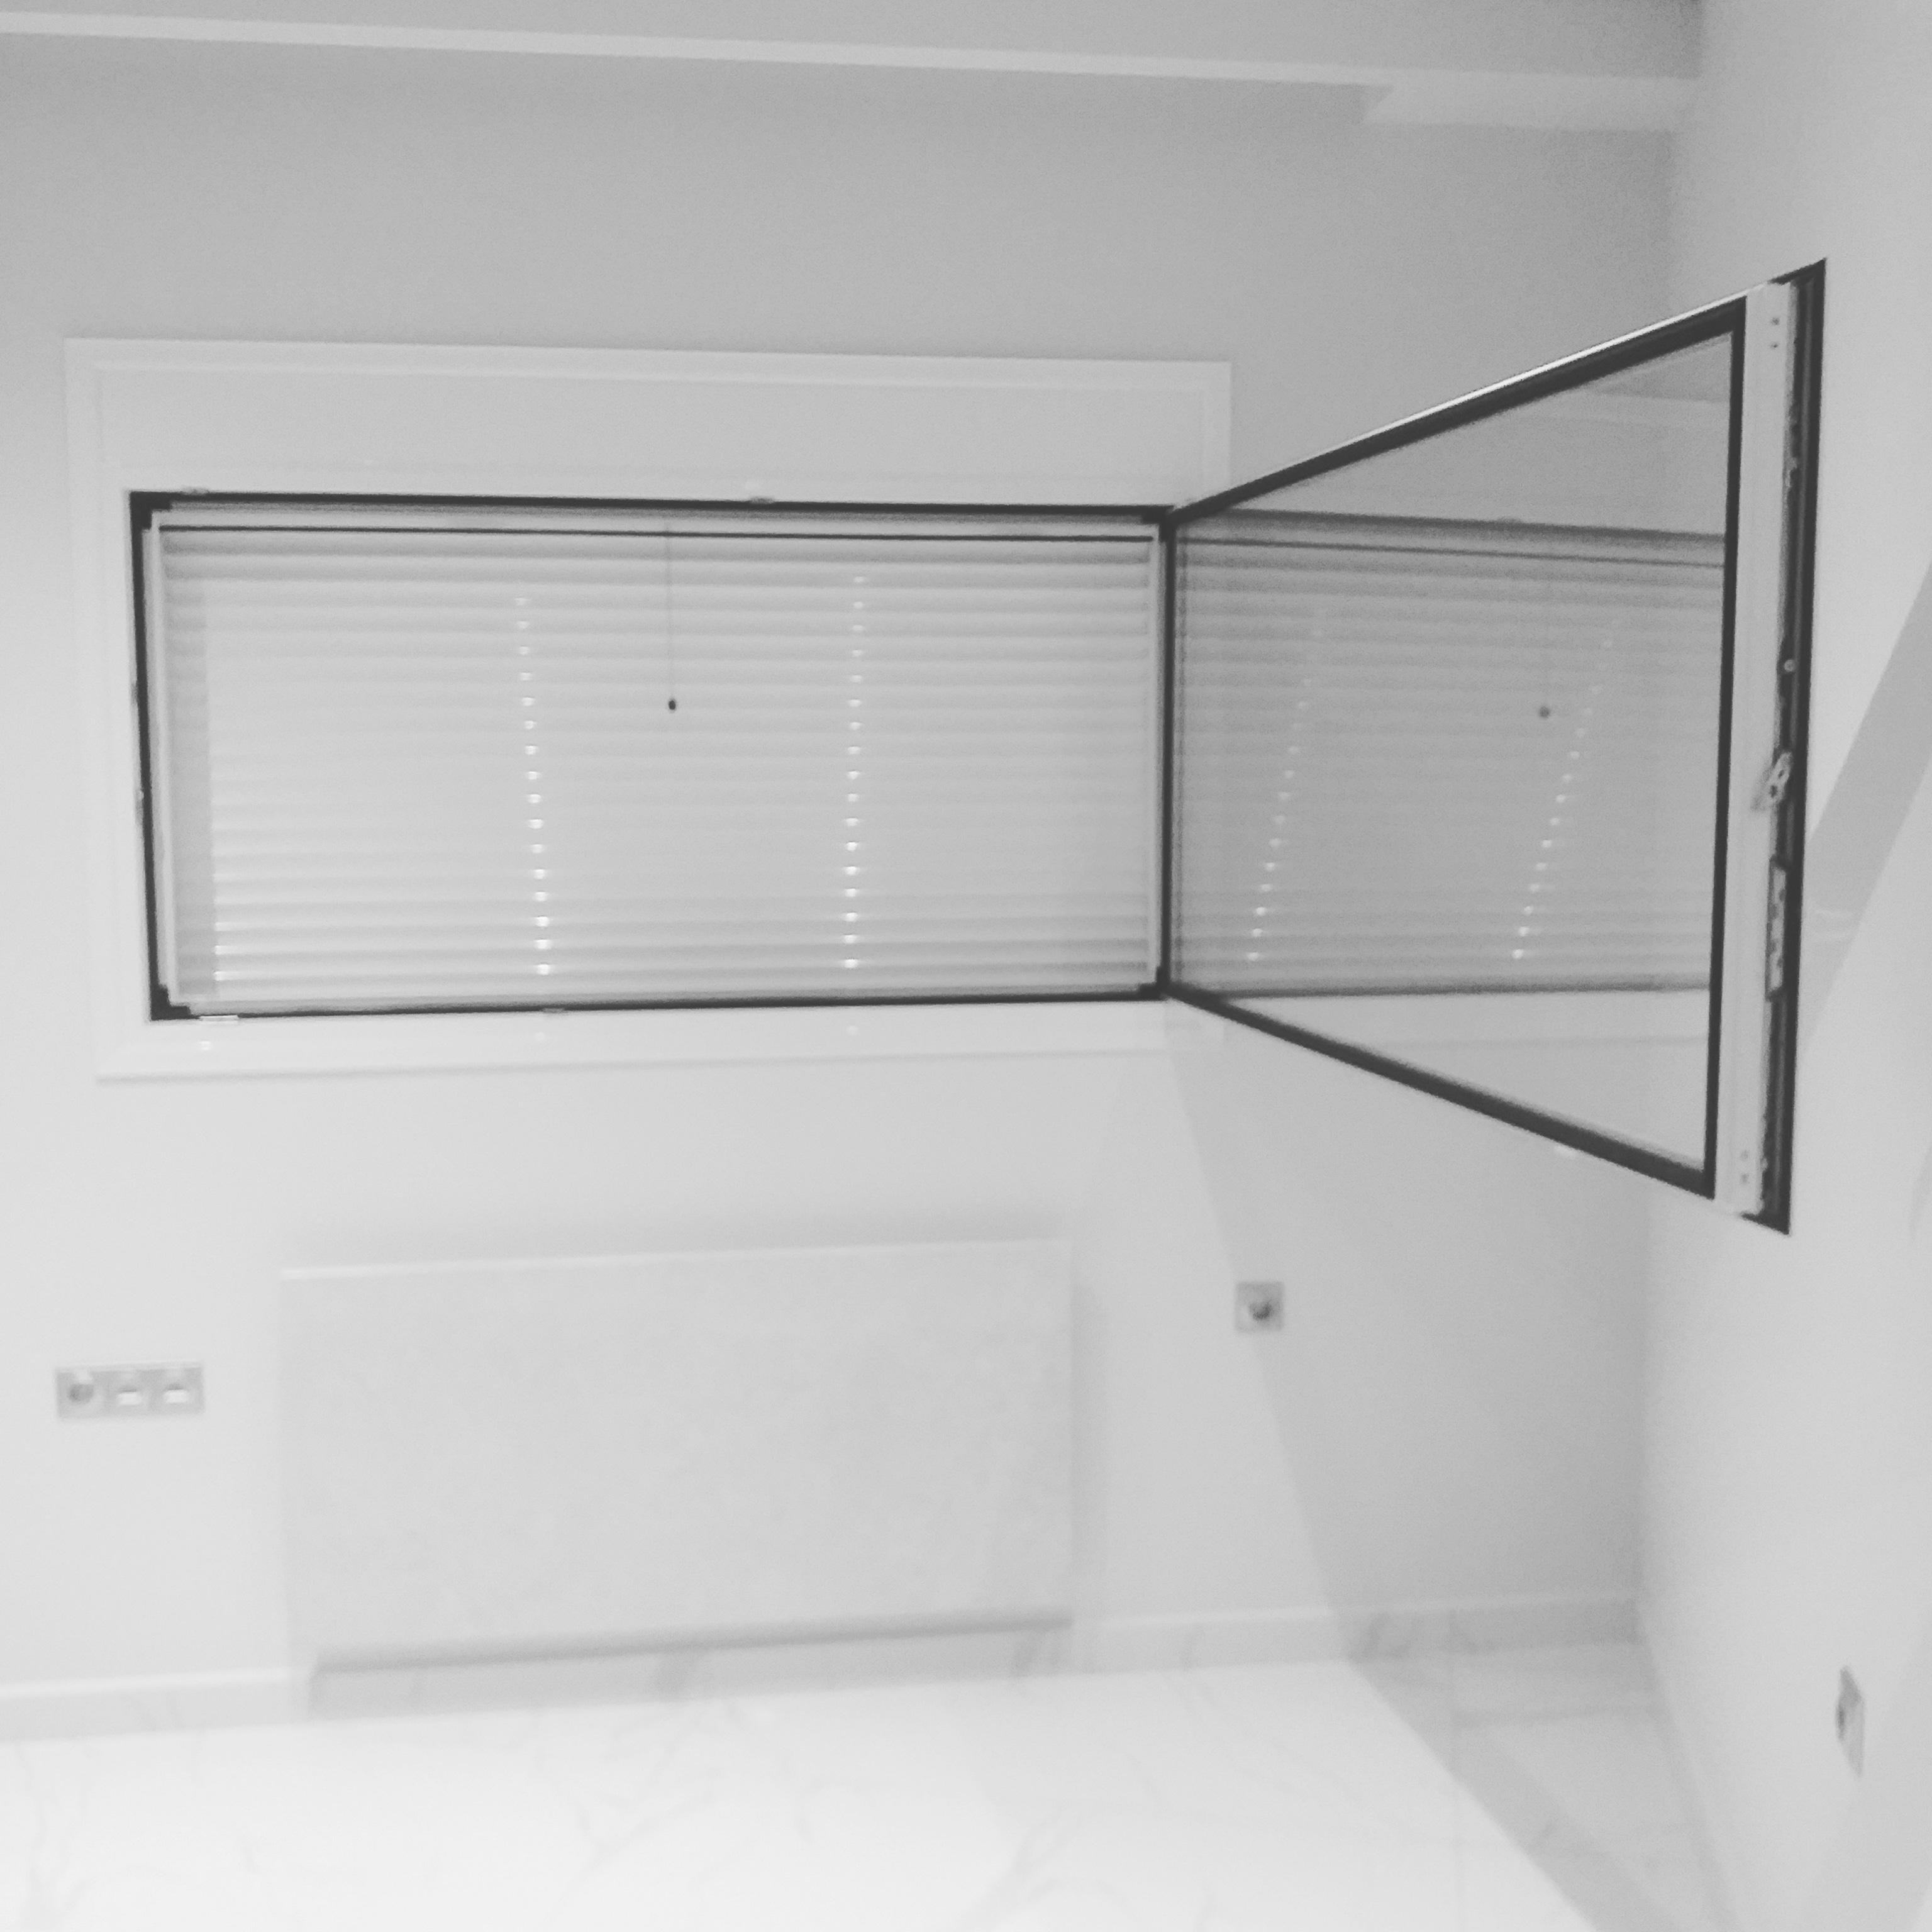 Παράθυρα-πόρτες ενεργειακής αποδόσεις ALUMIL M20650